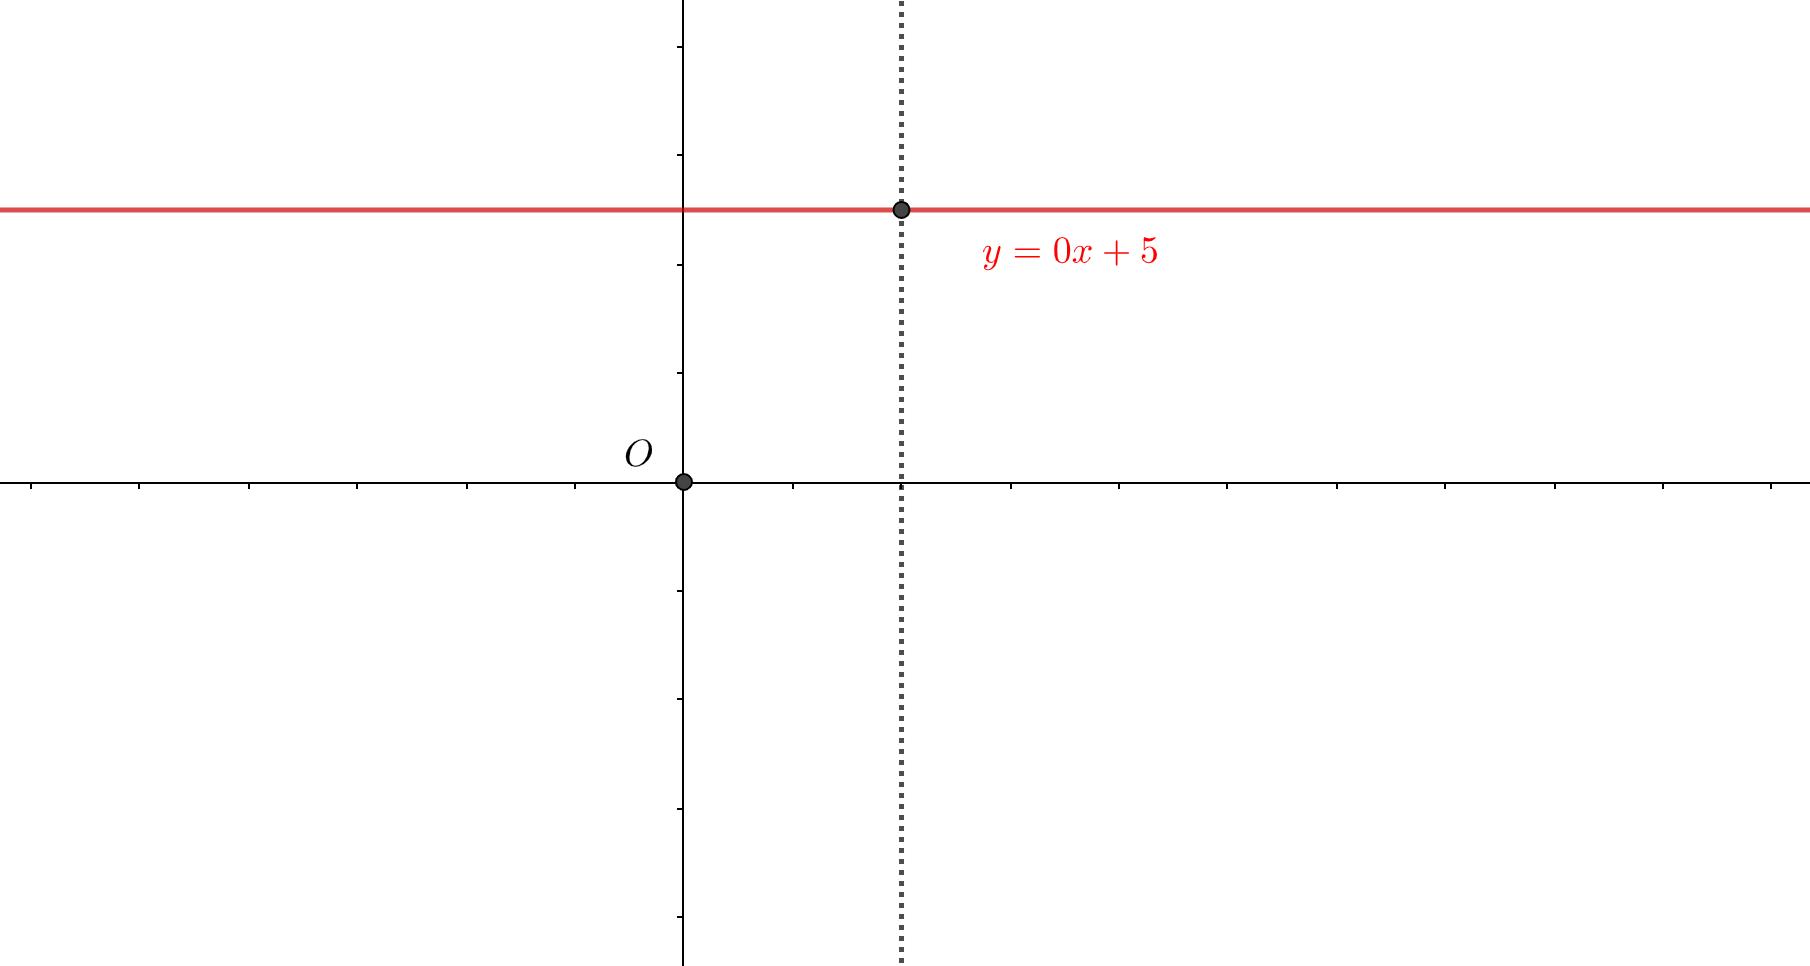 多対一対応のグラフ